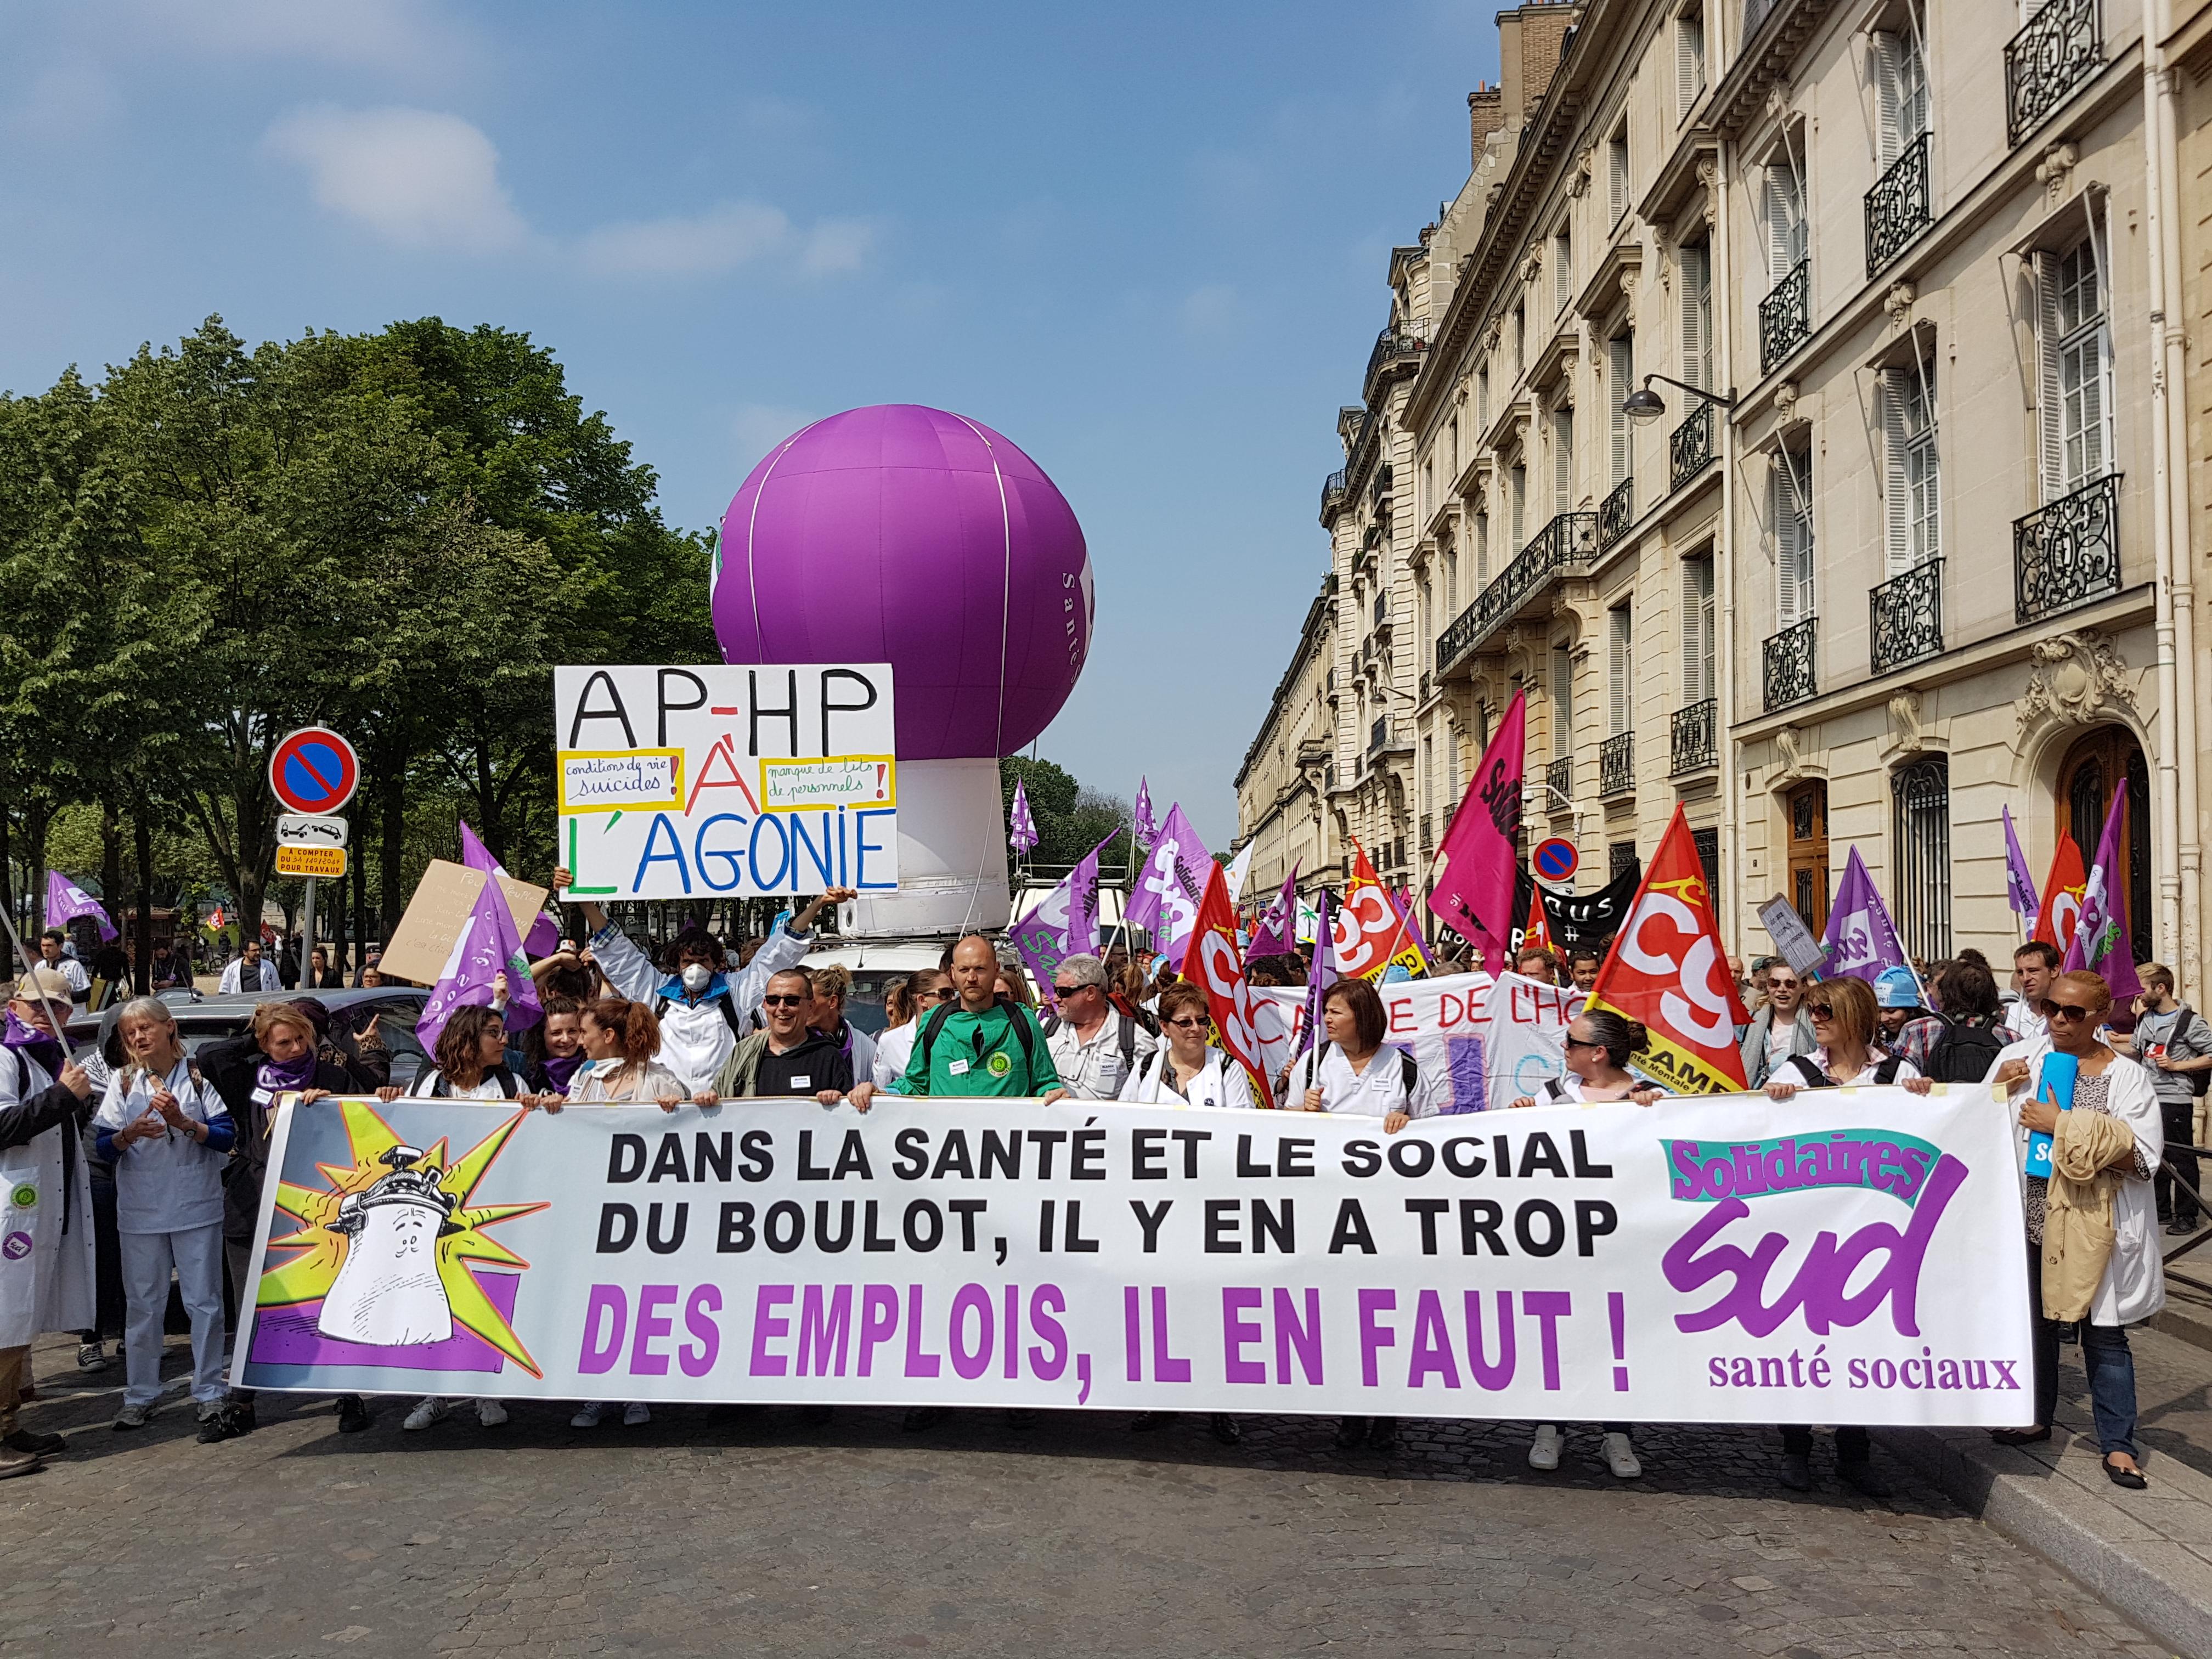 Personnels hospitaliers en détresse, une « marée blanche » se déverse à Paris